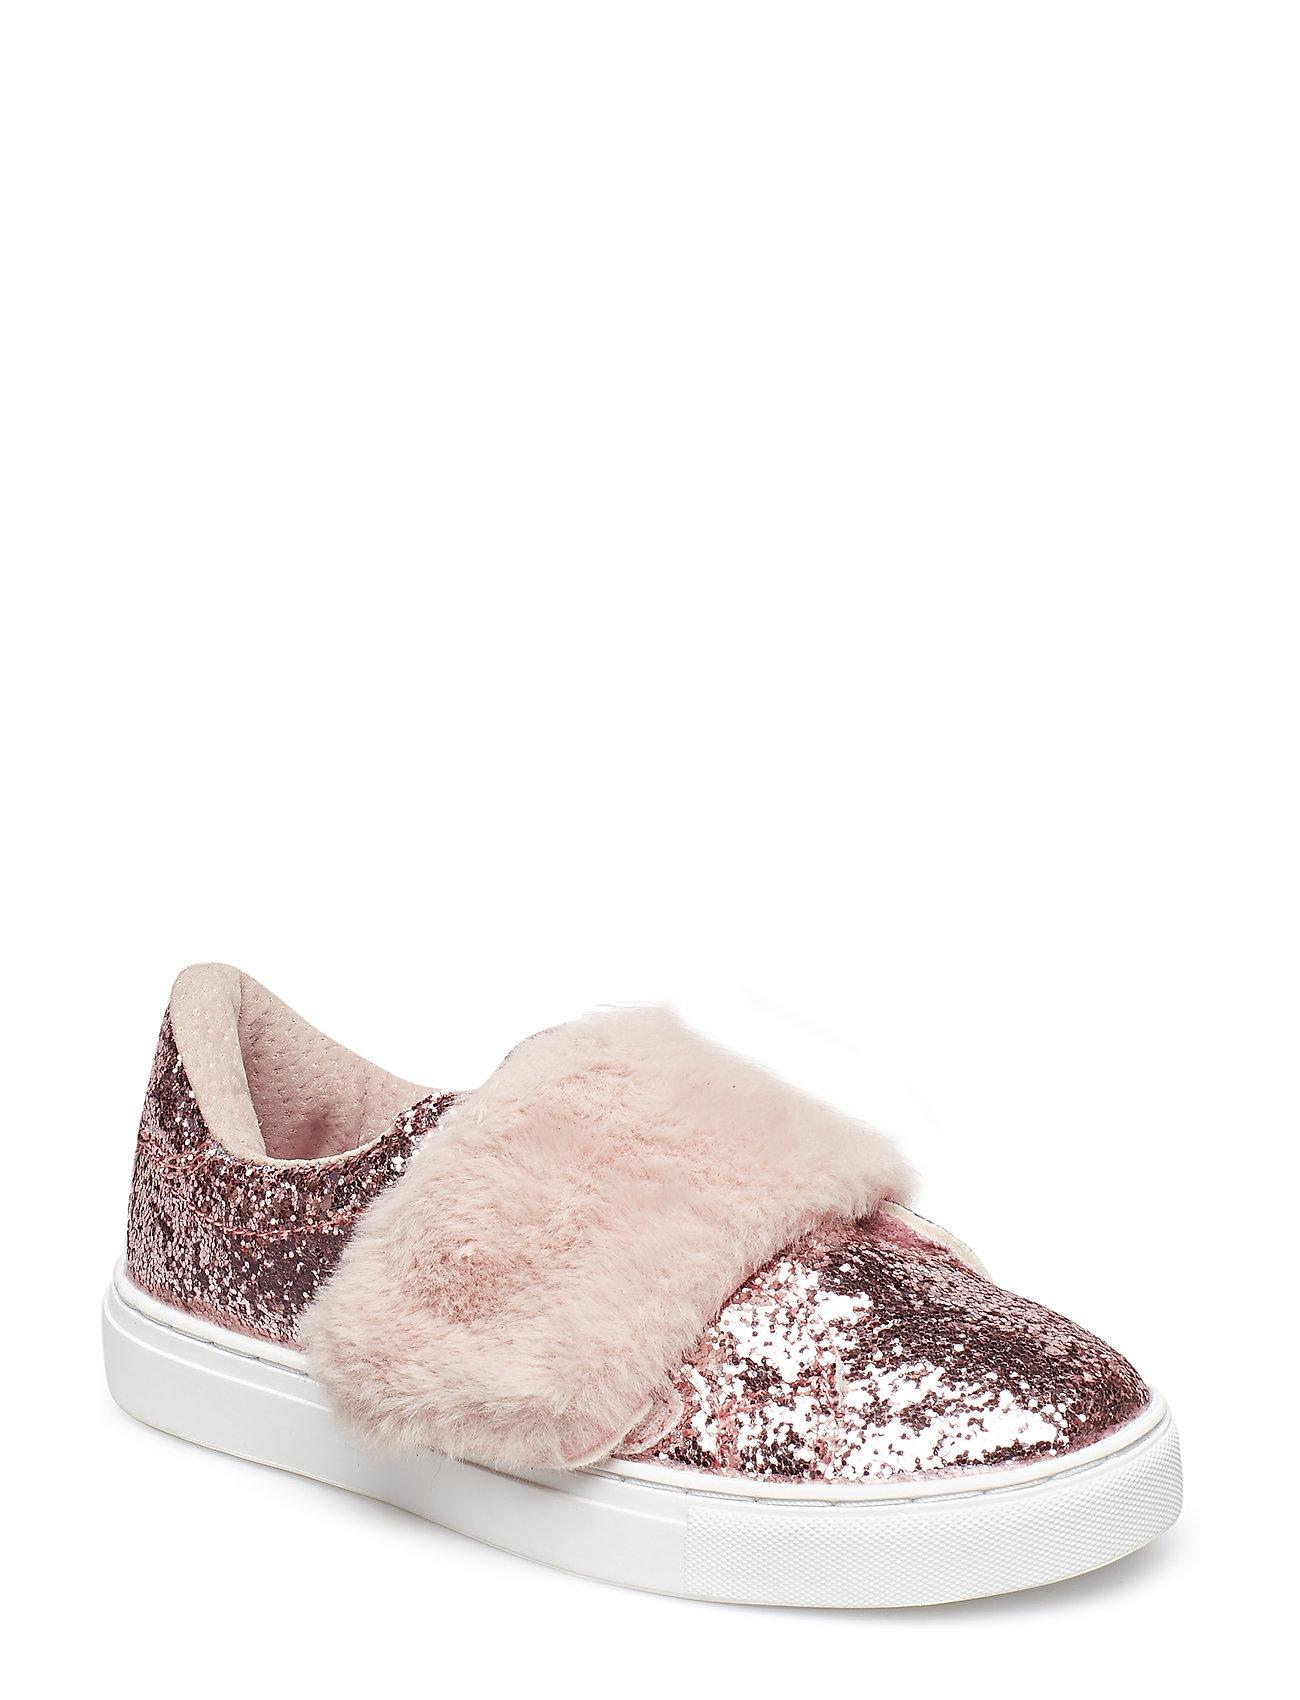 Petit by Sofie Schnoor Shoe fur - ROSE